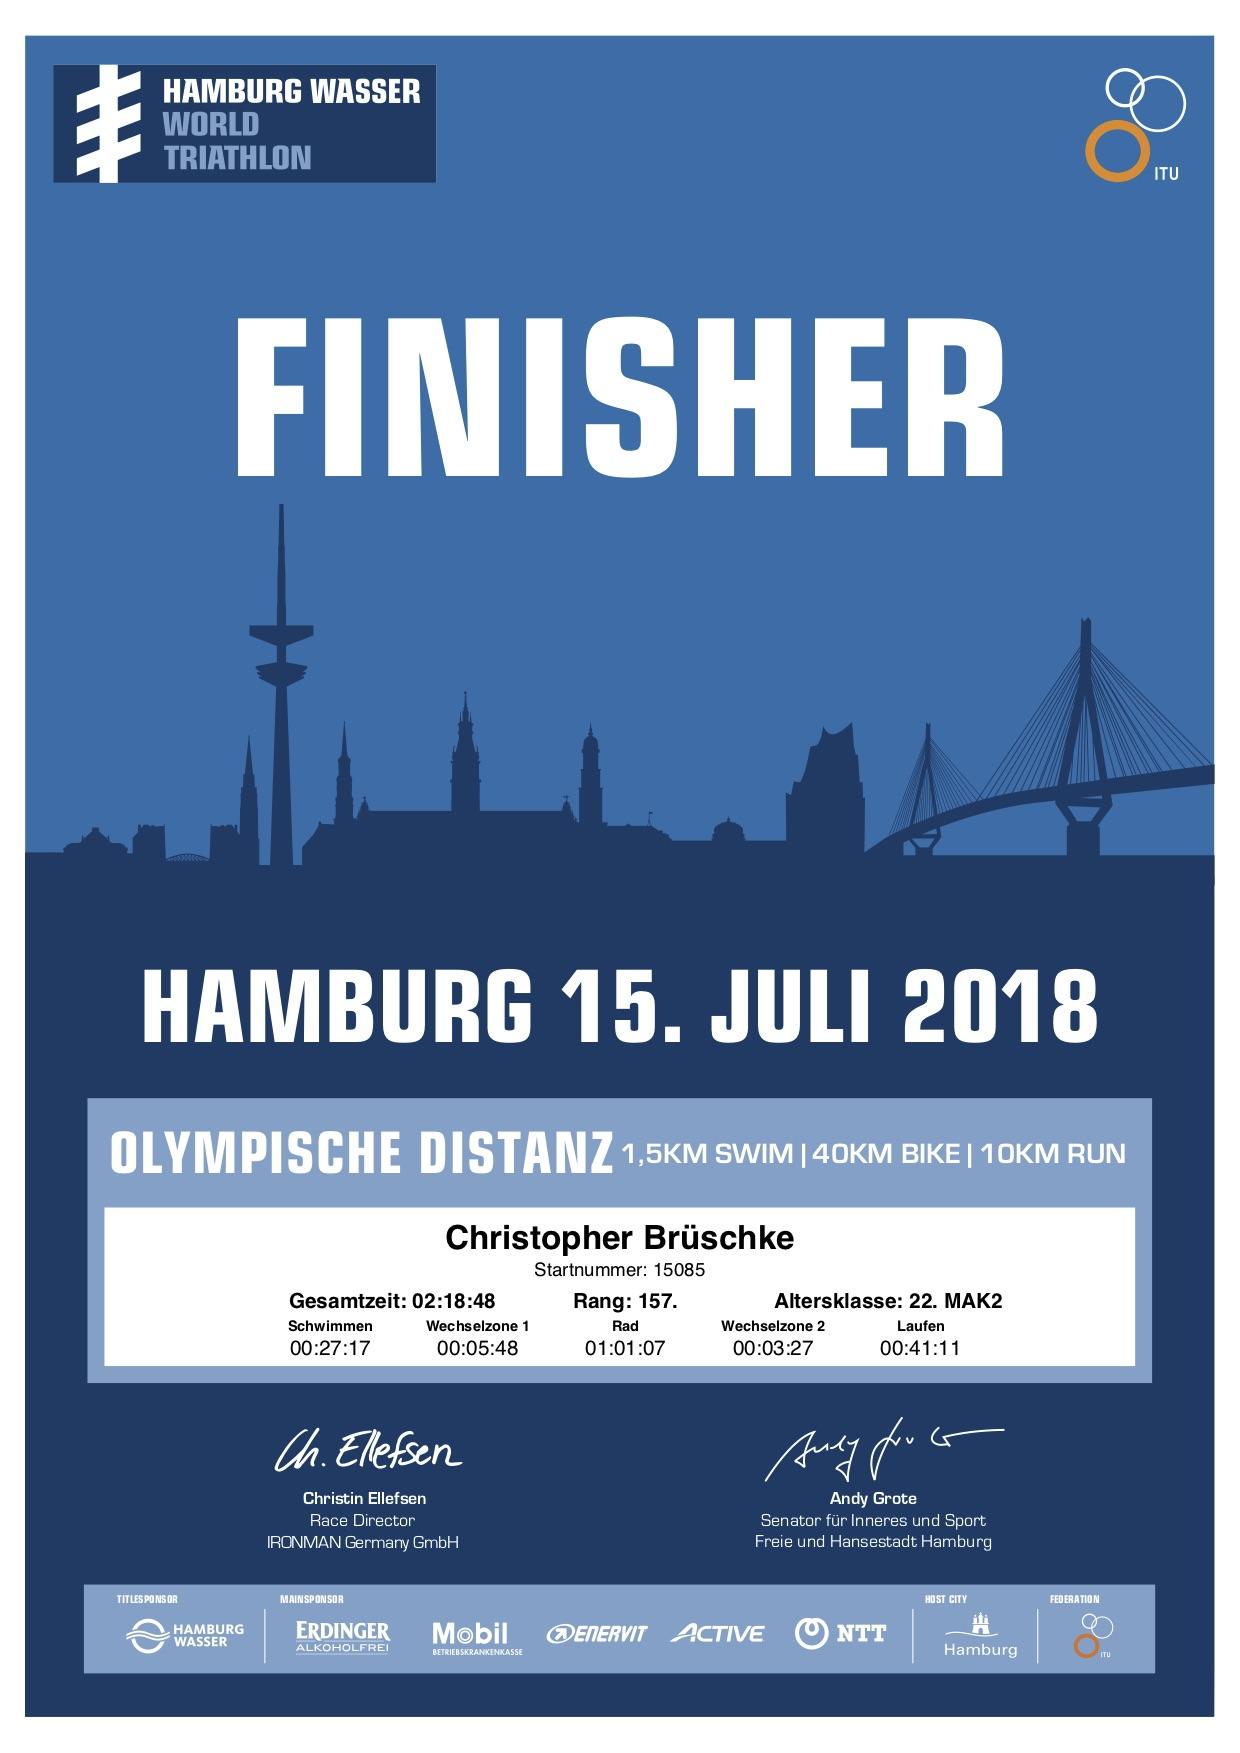 Christophers erste Triathlon-Urkunde vom Hamburg Wasser Triathlon